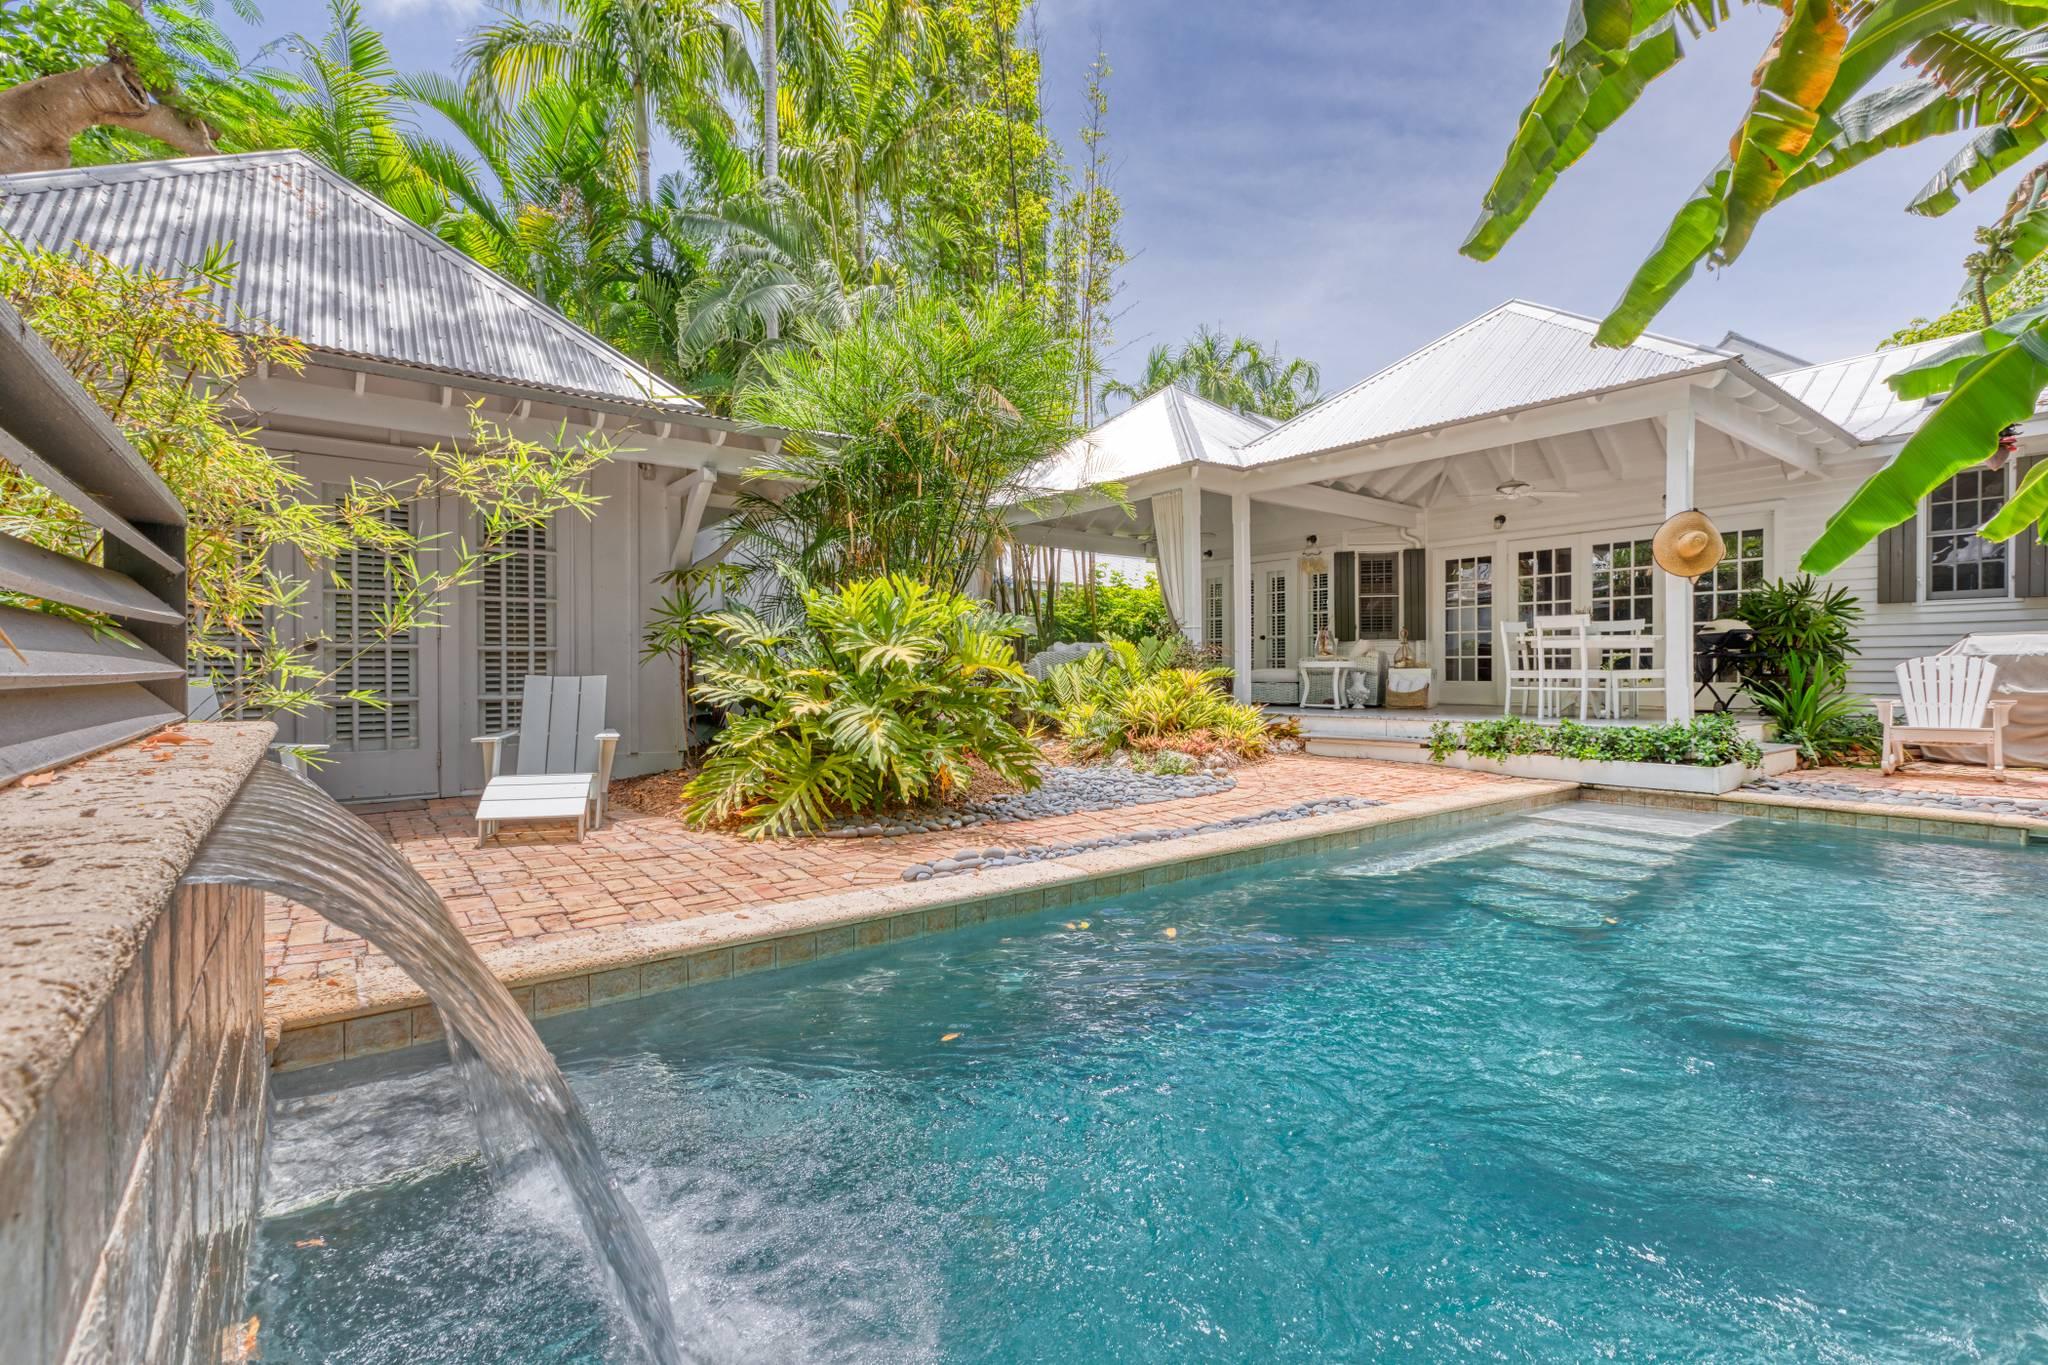 Tremendous Pura Vida Serene Best Of Key West Rentals Interior Design Ideas Clesiryabchikinfo